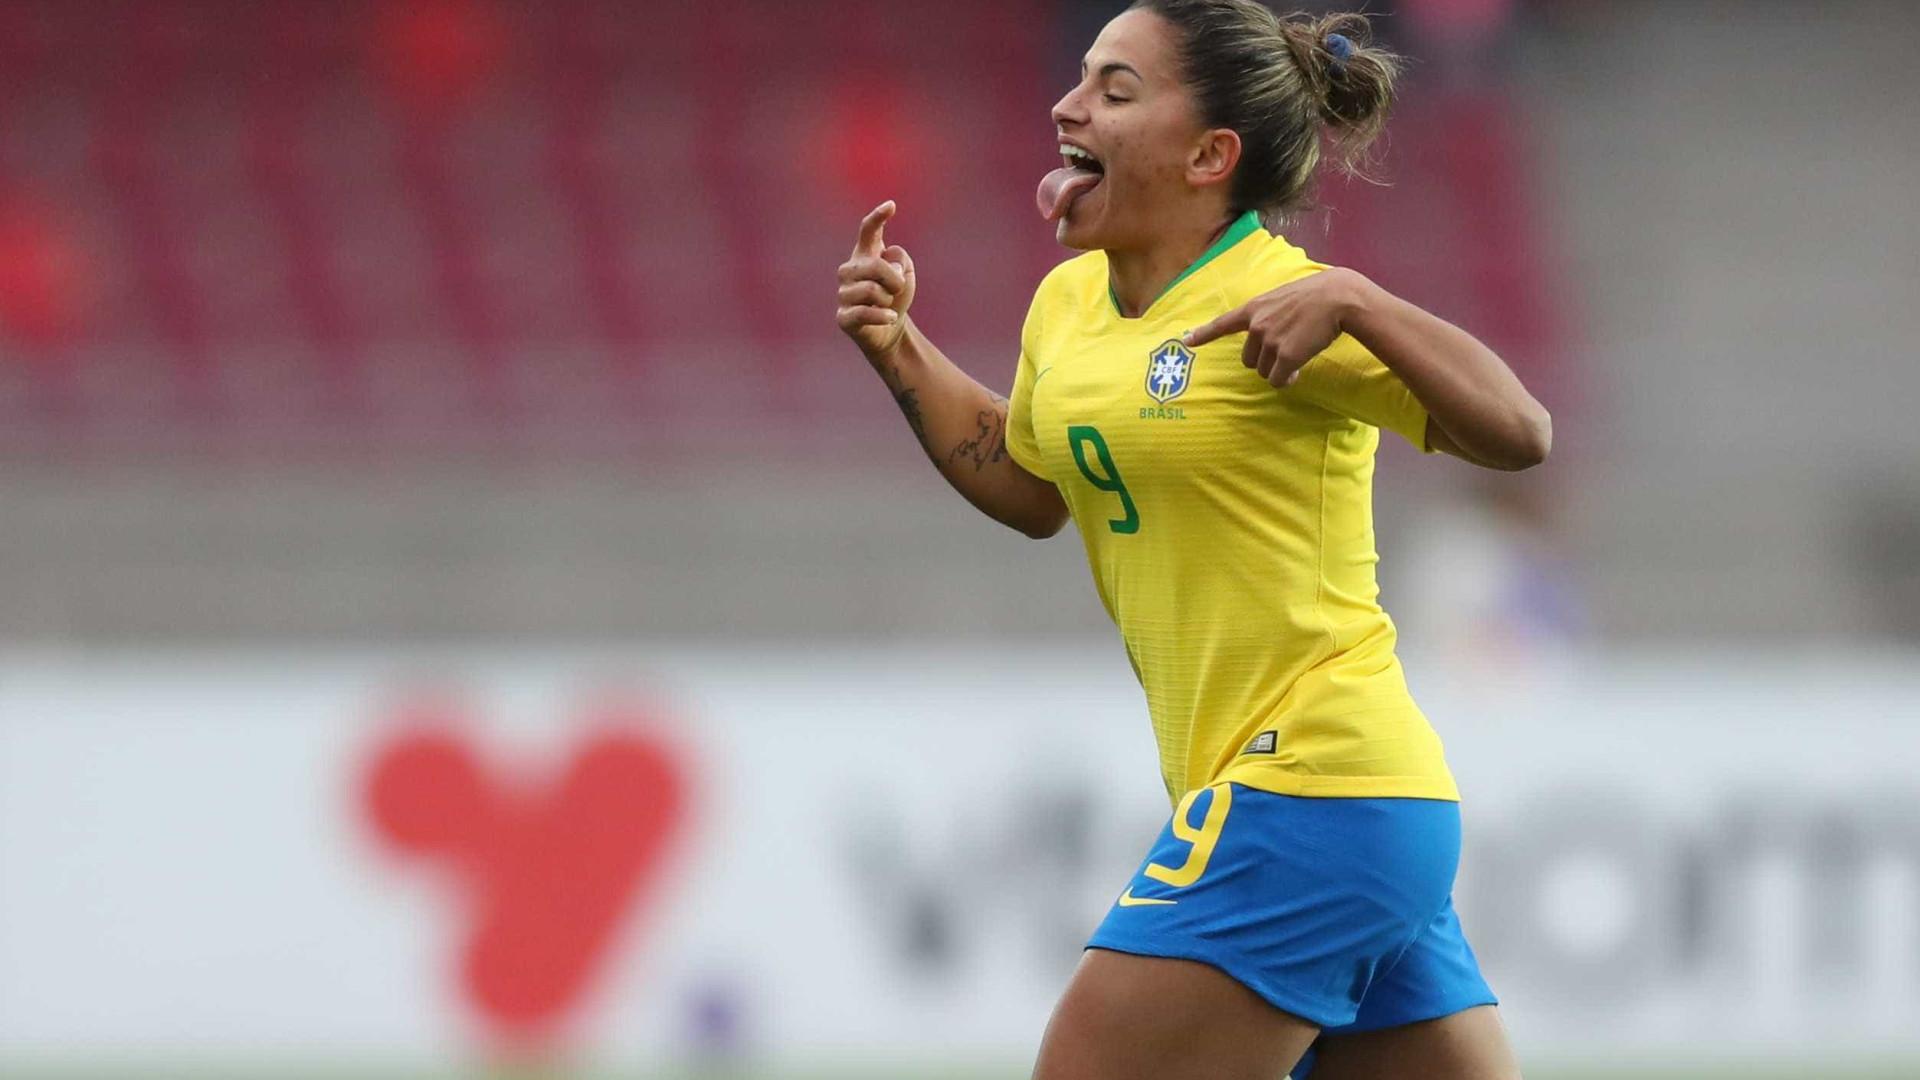 Seleção feminina disputará o Torneio das Nações, confirma CBF